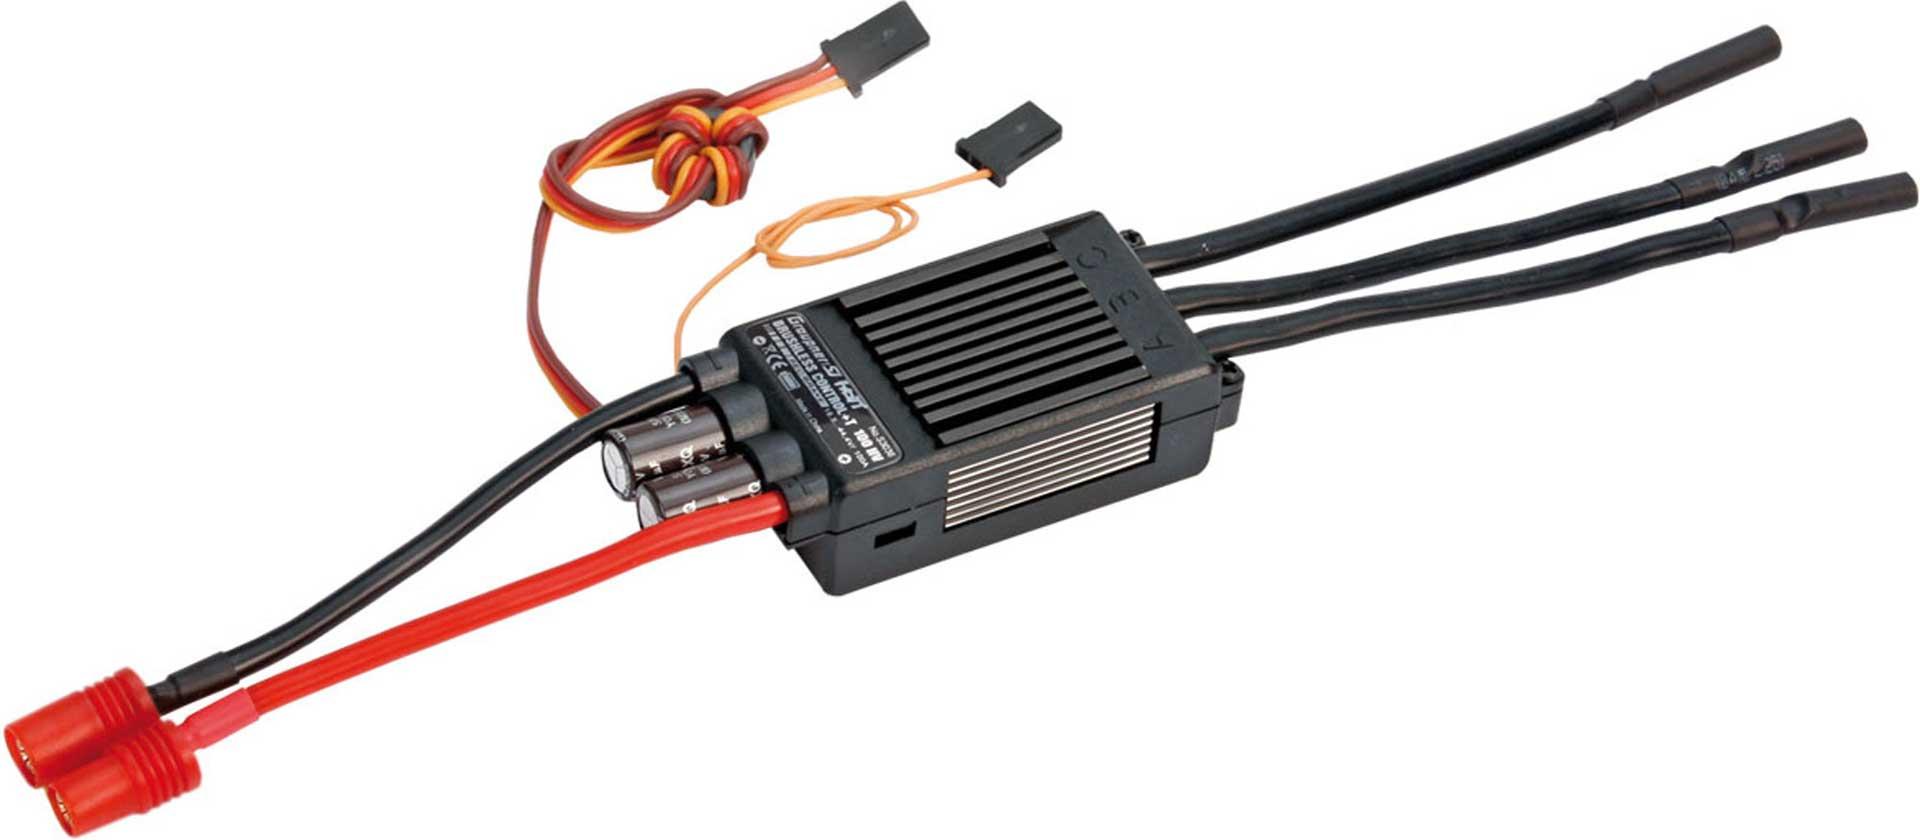 GRAUPNER BRUSHLESS CONTROL+ T 100 HV G6